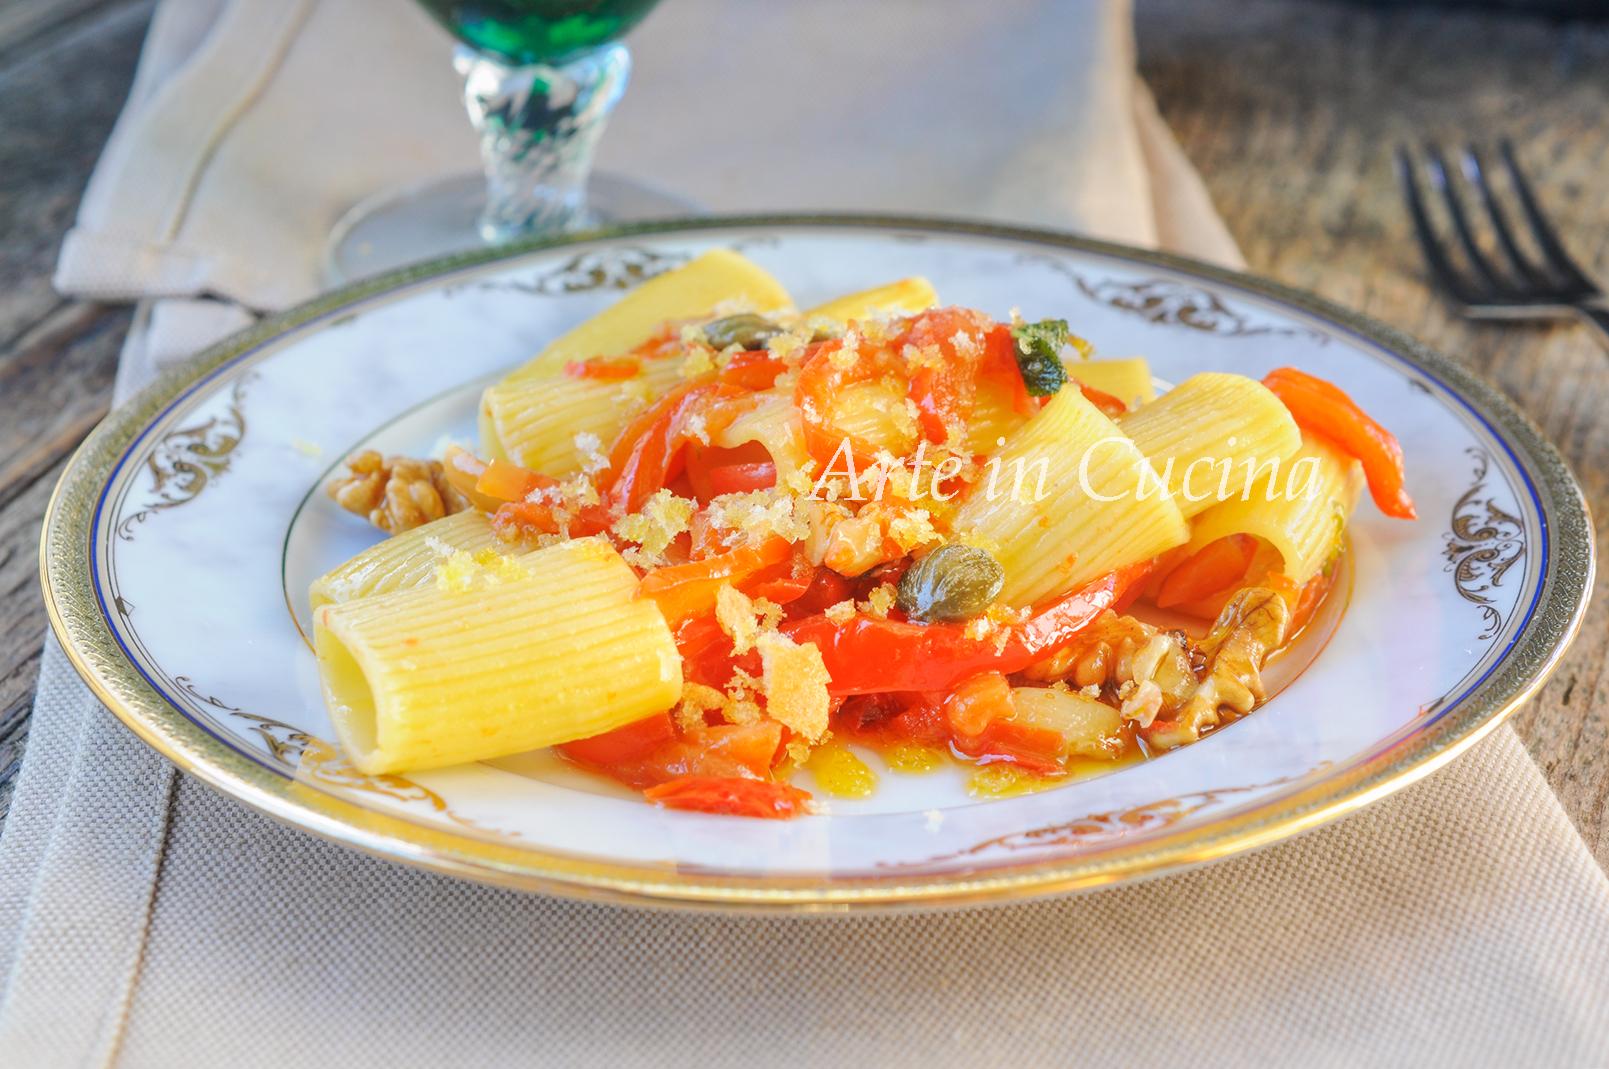 Paccheri con peperoni e noci con mollica, ricetta veloce sfiziosa vickyart arte in cucina